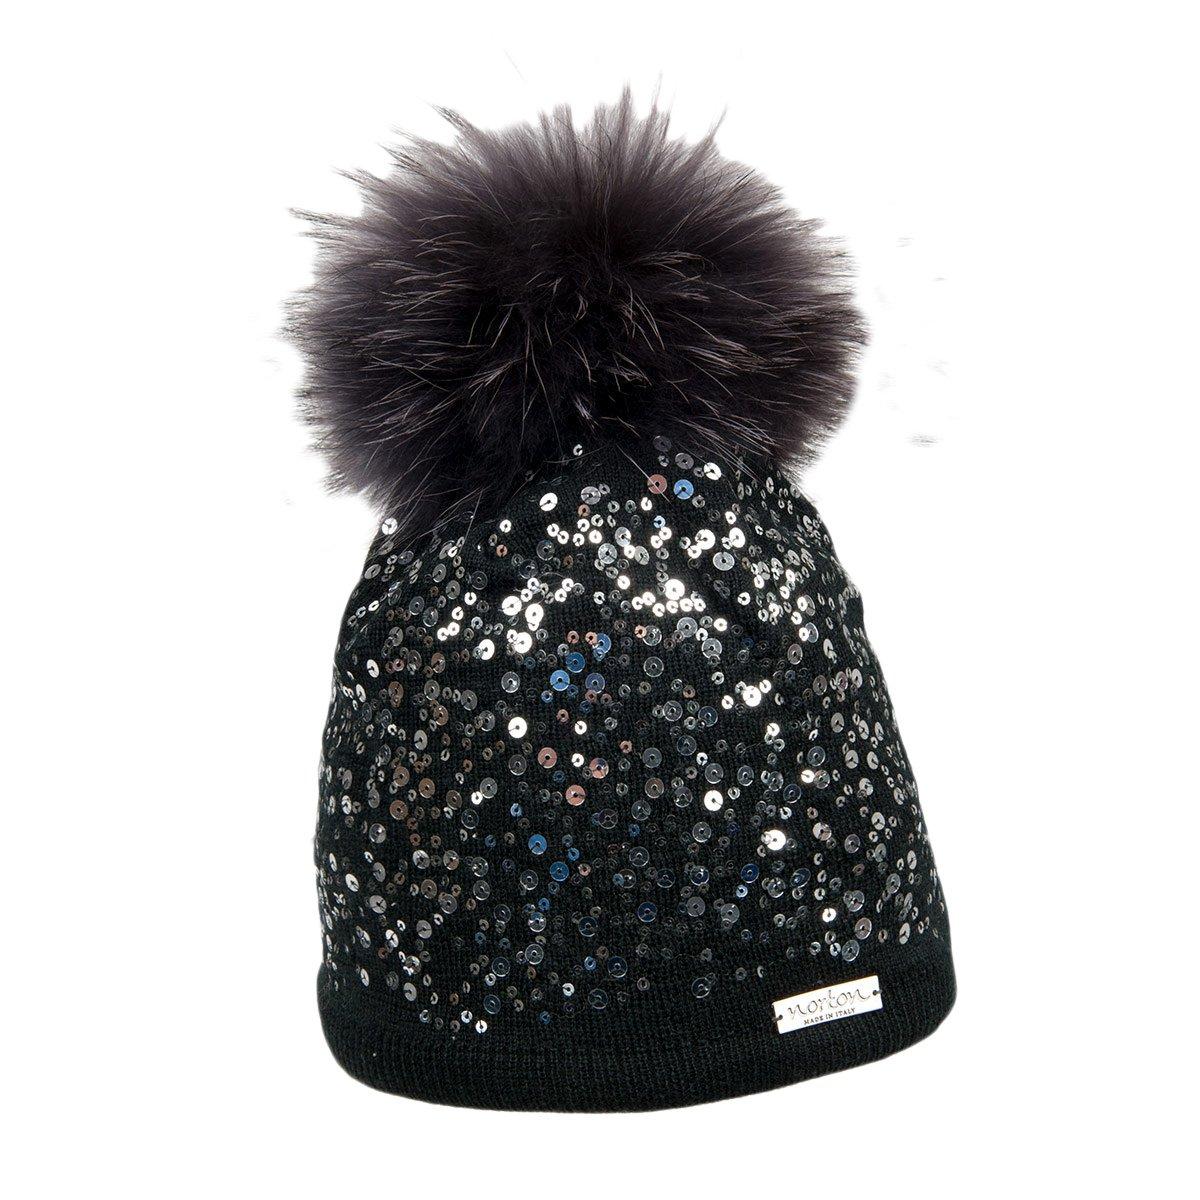 la moda più votata 2020 super speciali NORTON | berretto cuffia con pompon pelo per donna con deco paillete